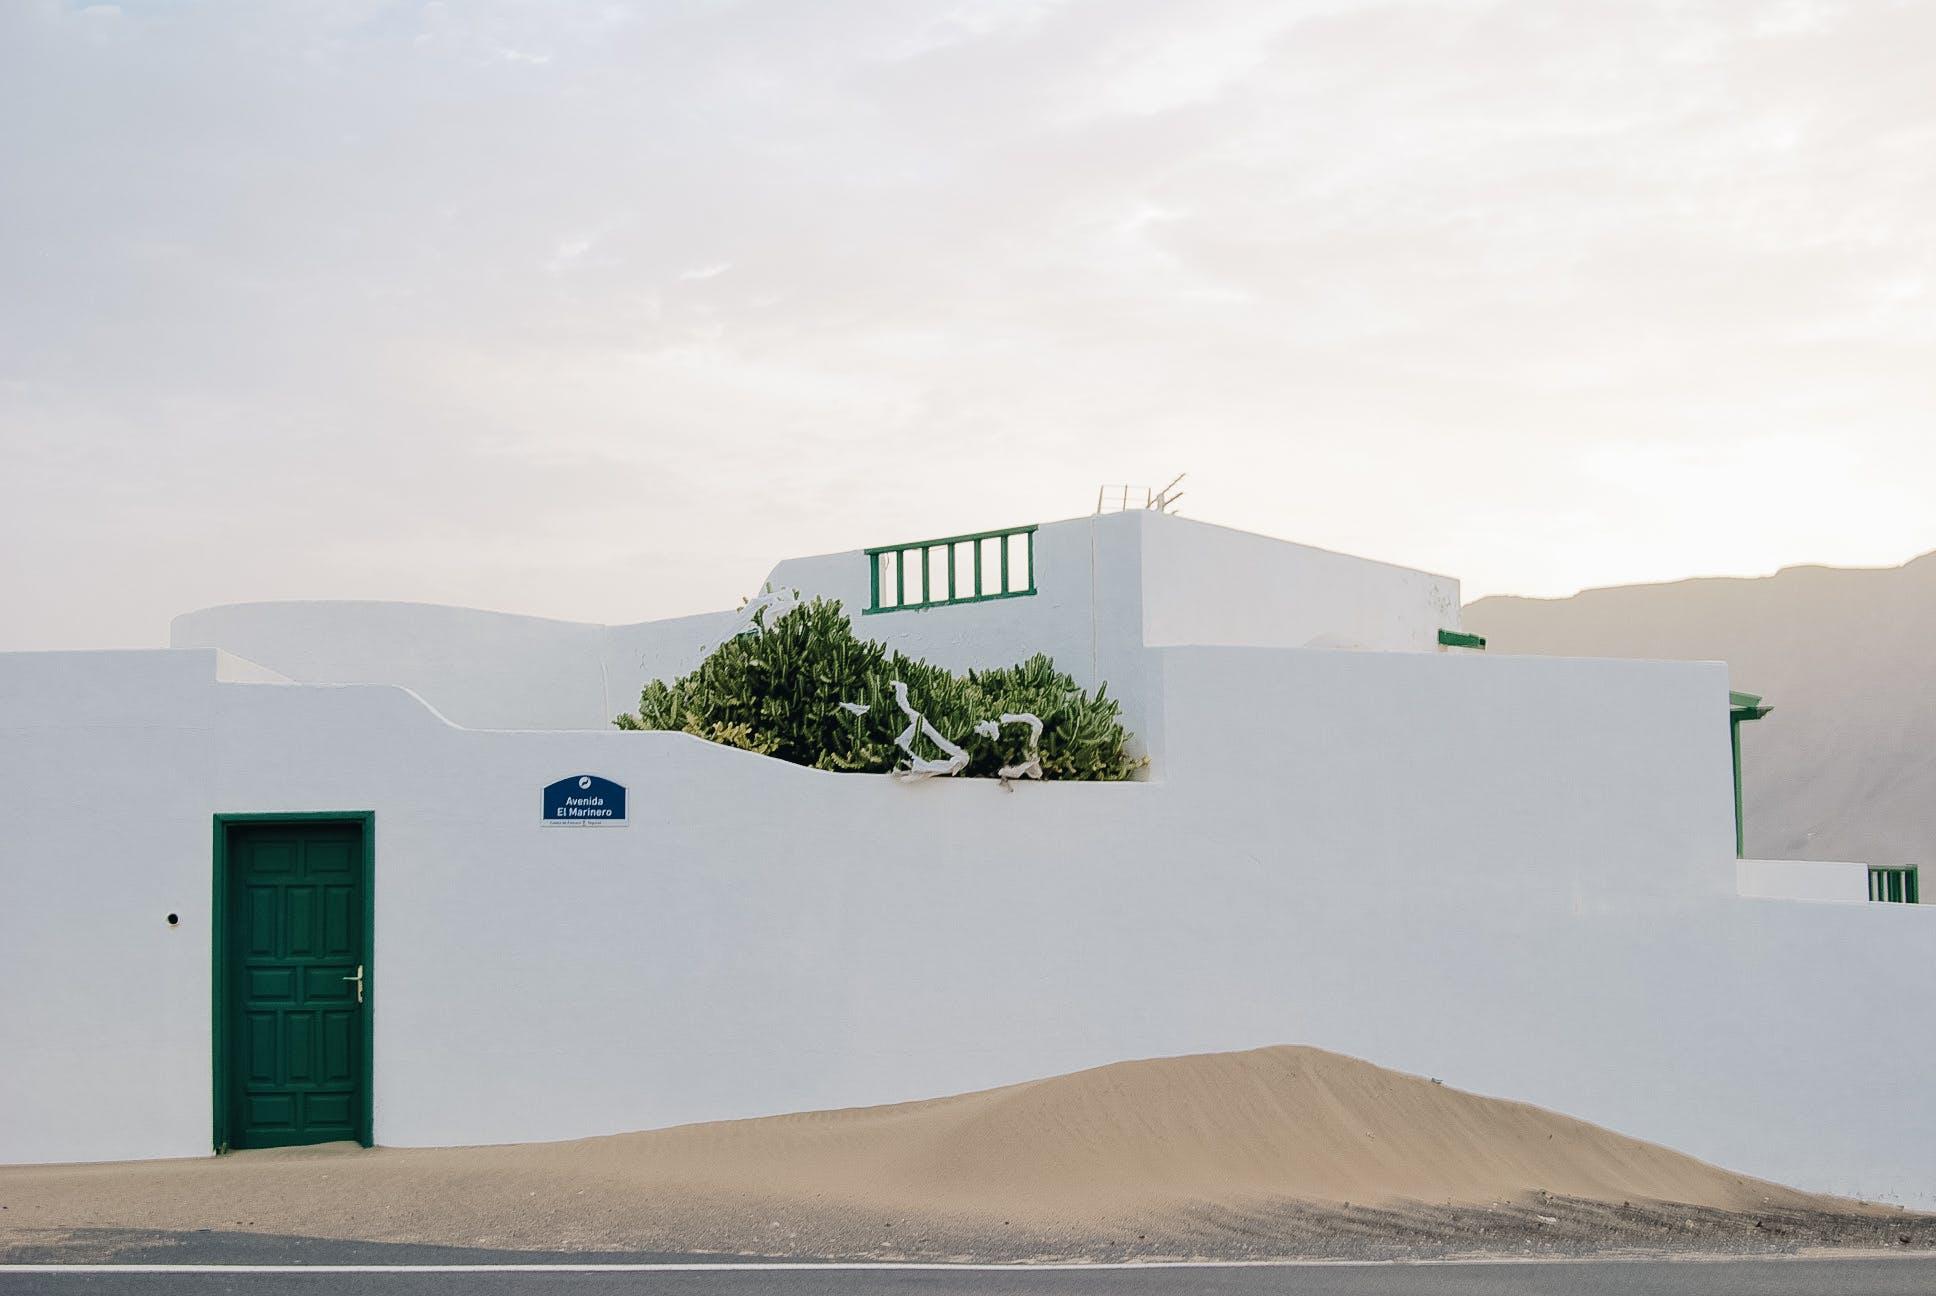 Foto stok gratis alam, Arsitektur, langit, lansekap